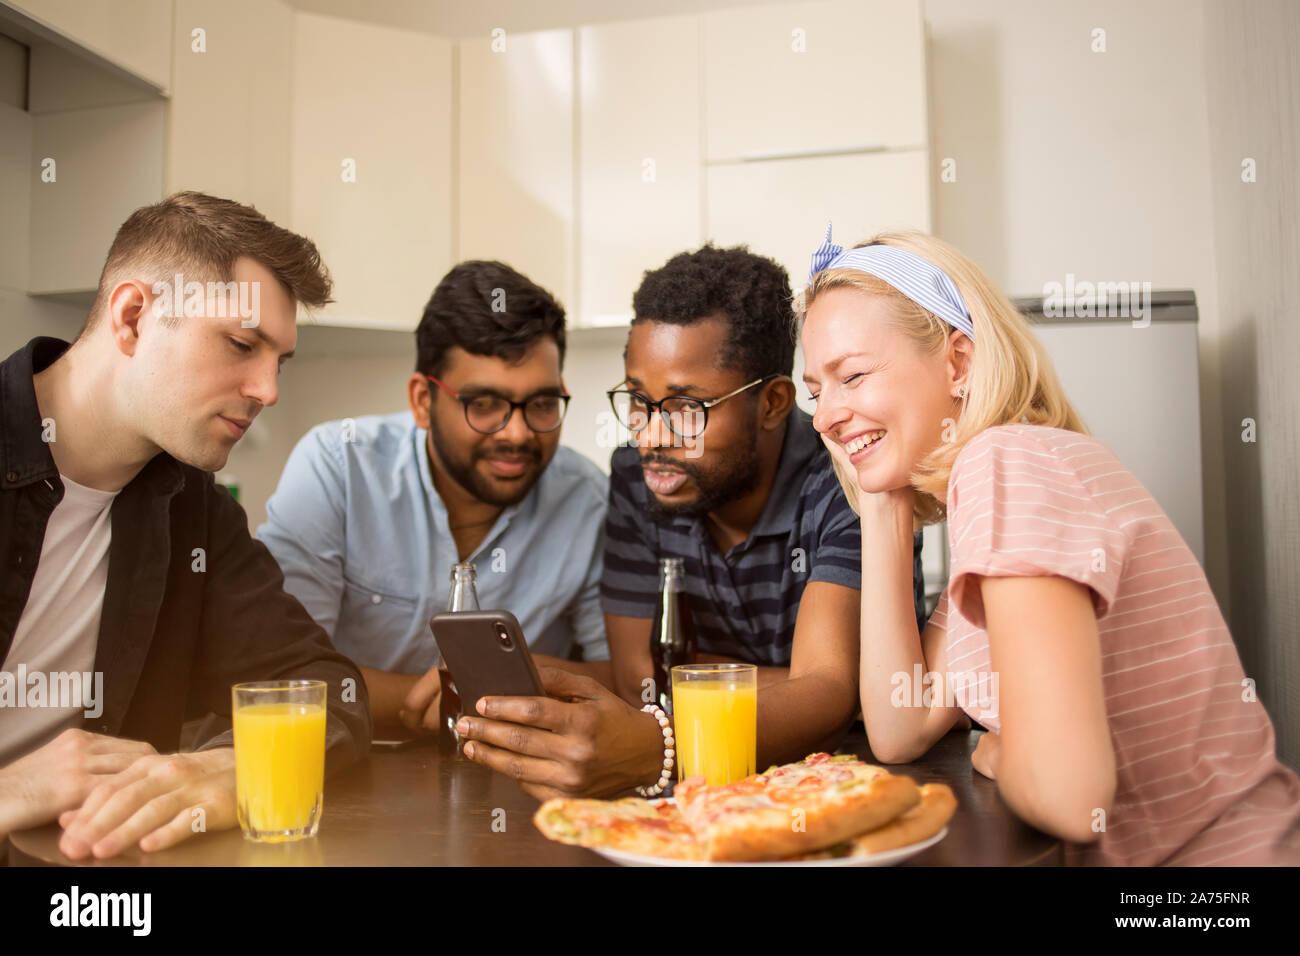 Quatre amis assis à table, de manger des pizzas, boivent des boissons alcoolisées, la lecture de message texte sur smartphone, l'essai de nouvelles application téléphone ensemble. Mult Banque D'Images